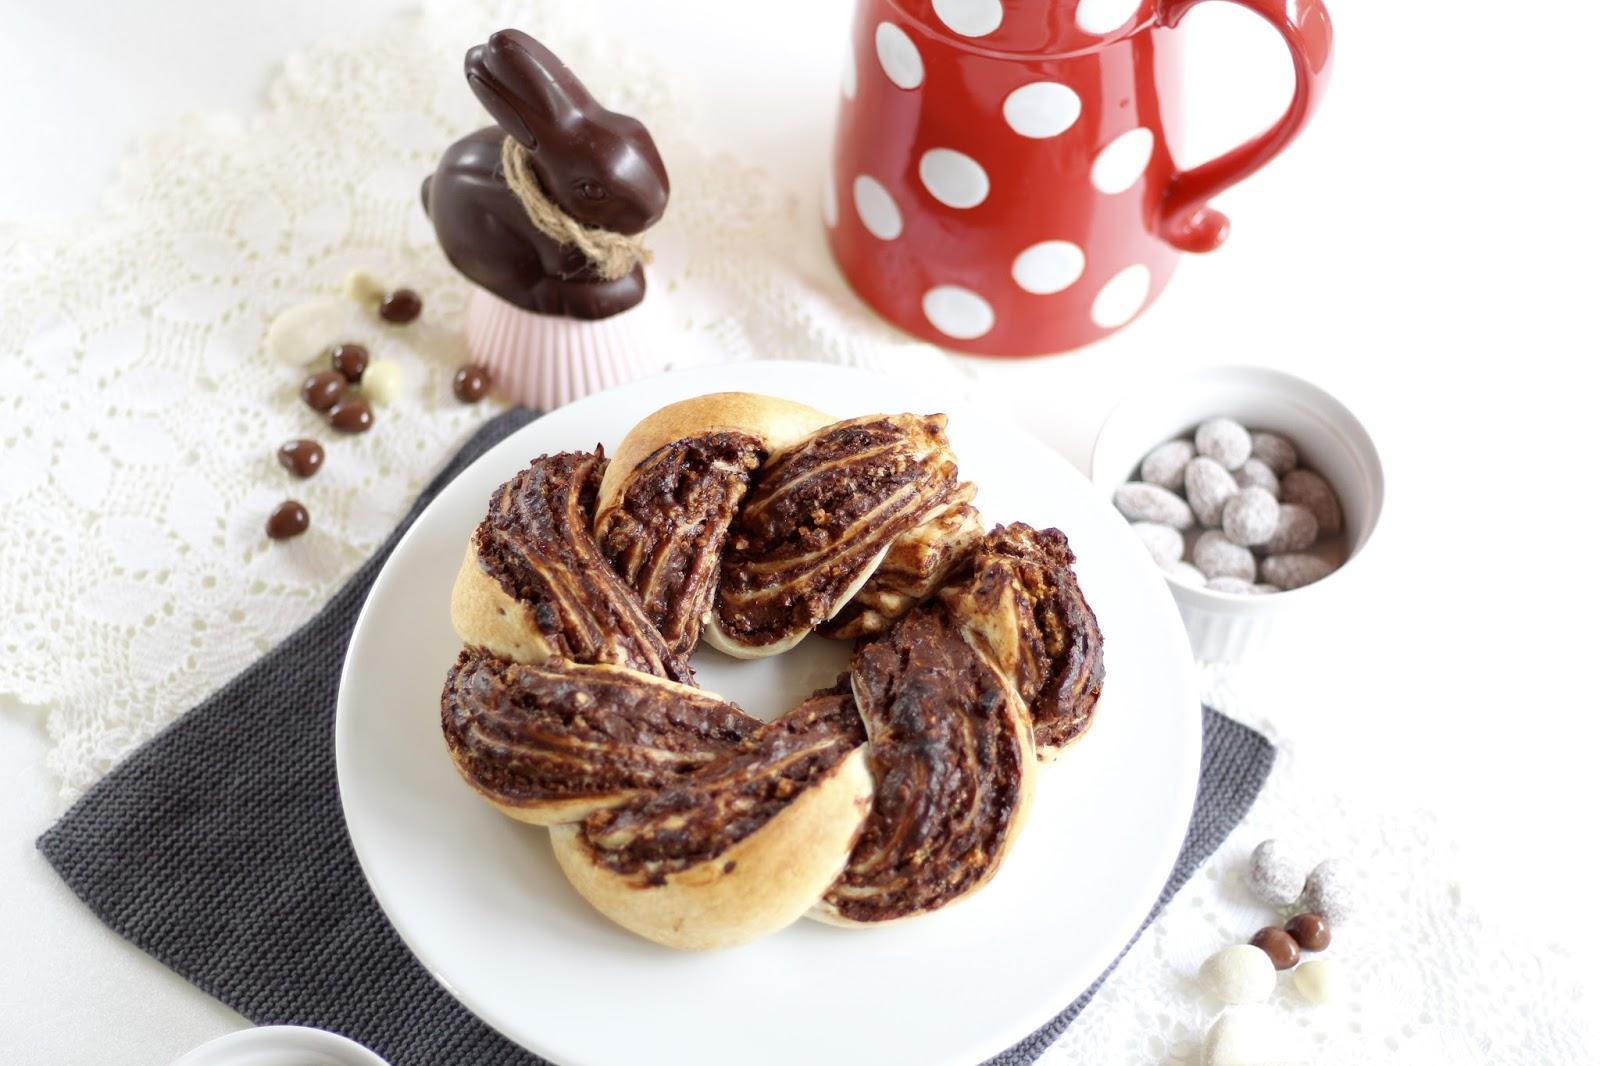 Osterkranz aus Blätterteig mit Knusperkrokant und Schokoladencreme nach Lafer